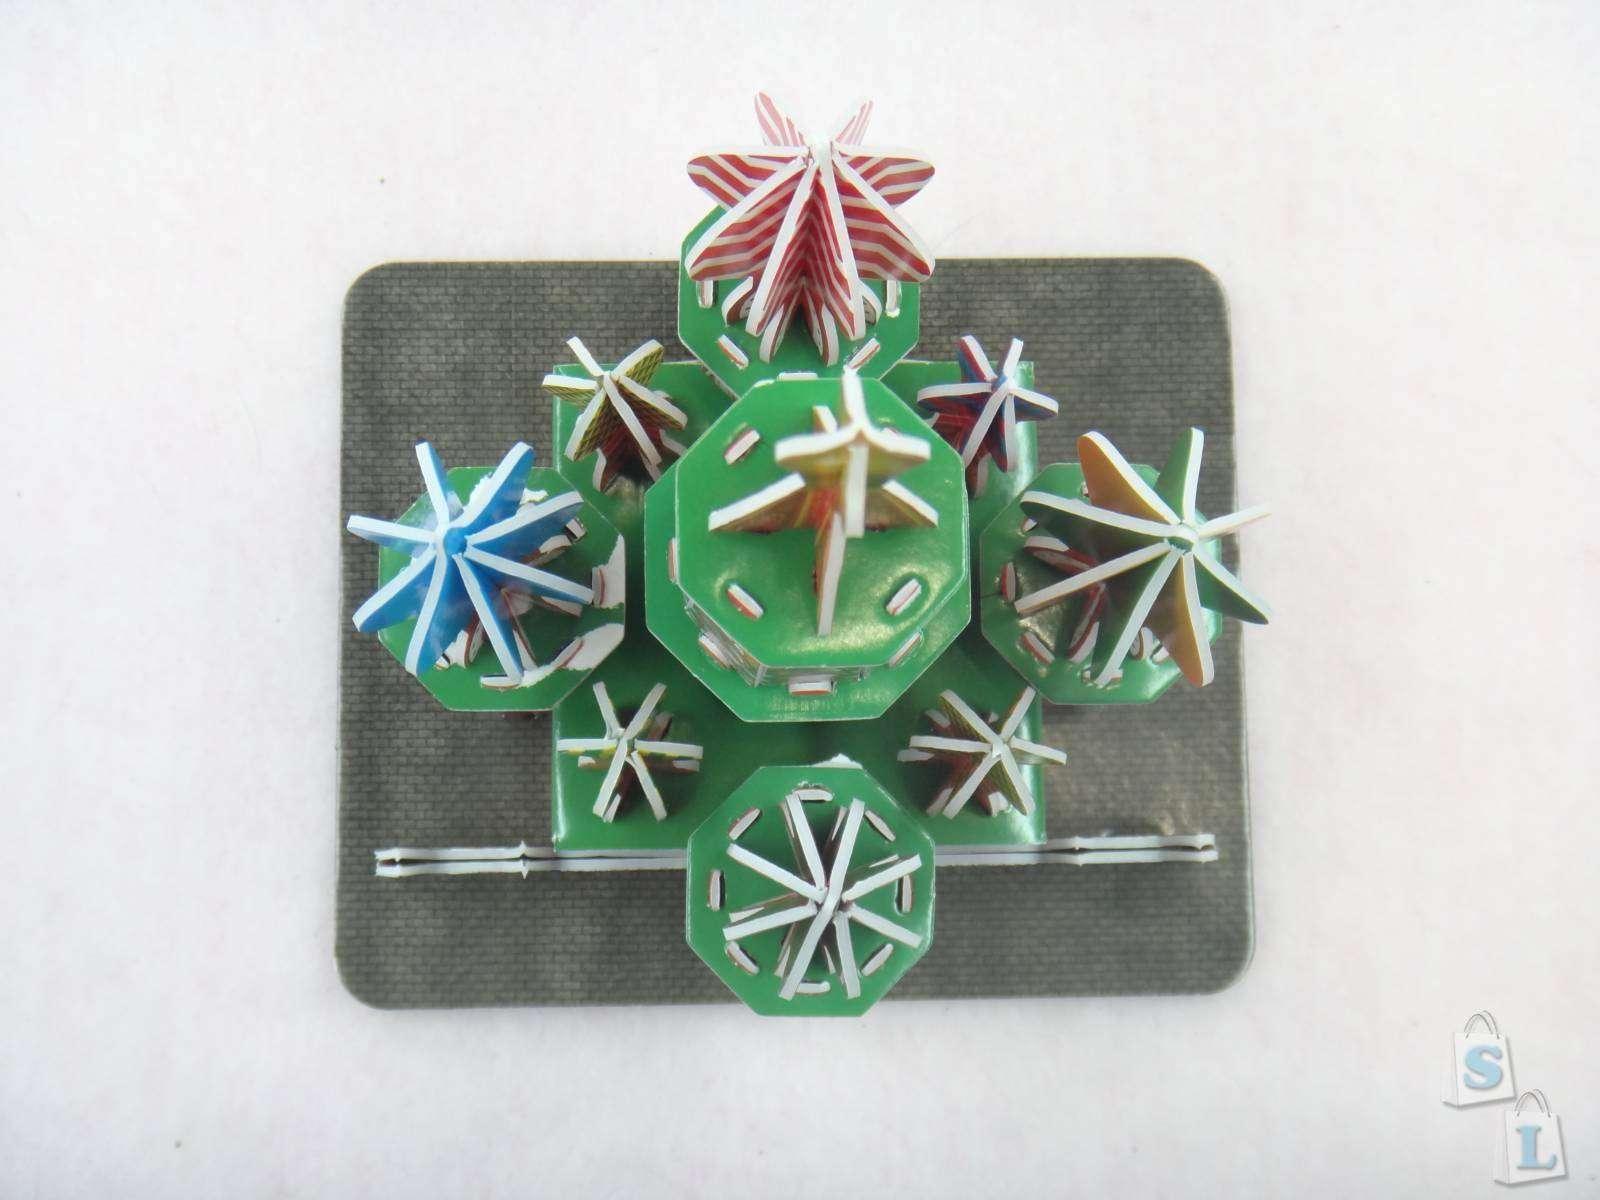 Banggood: 3D конструктор пазл из картона в виде Храма Василия Блаженного